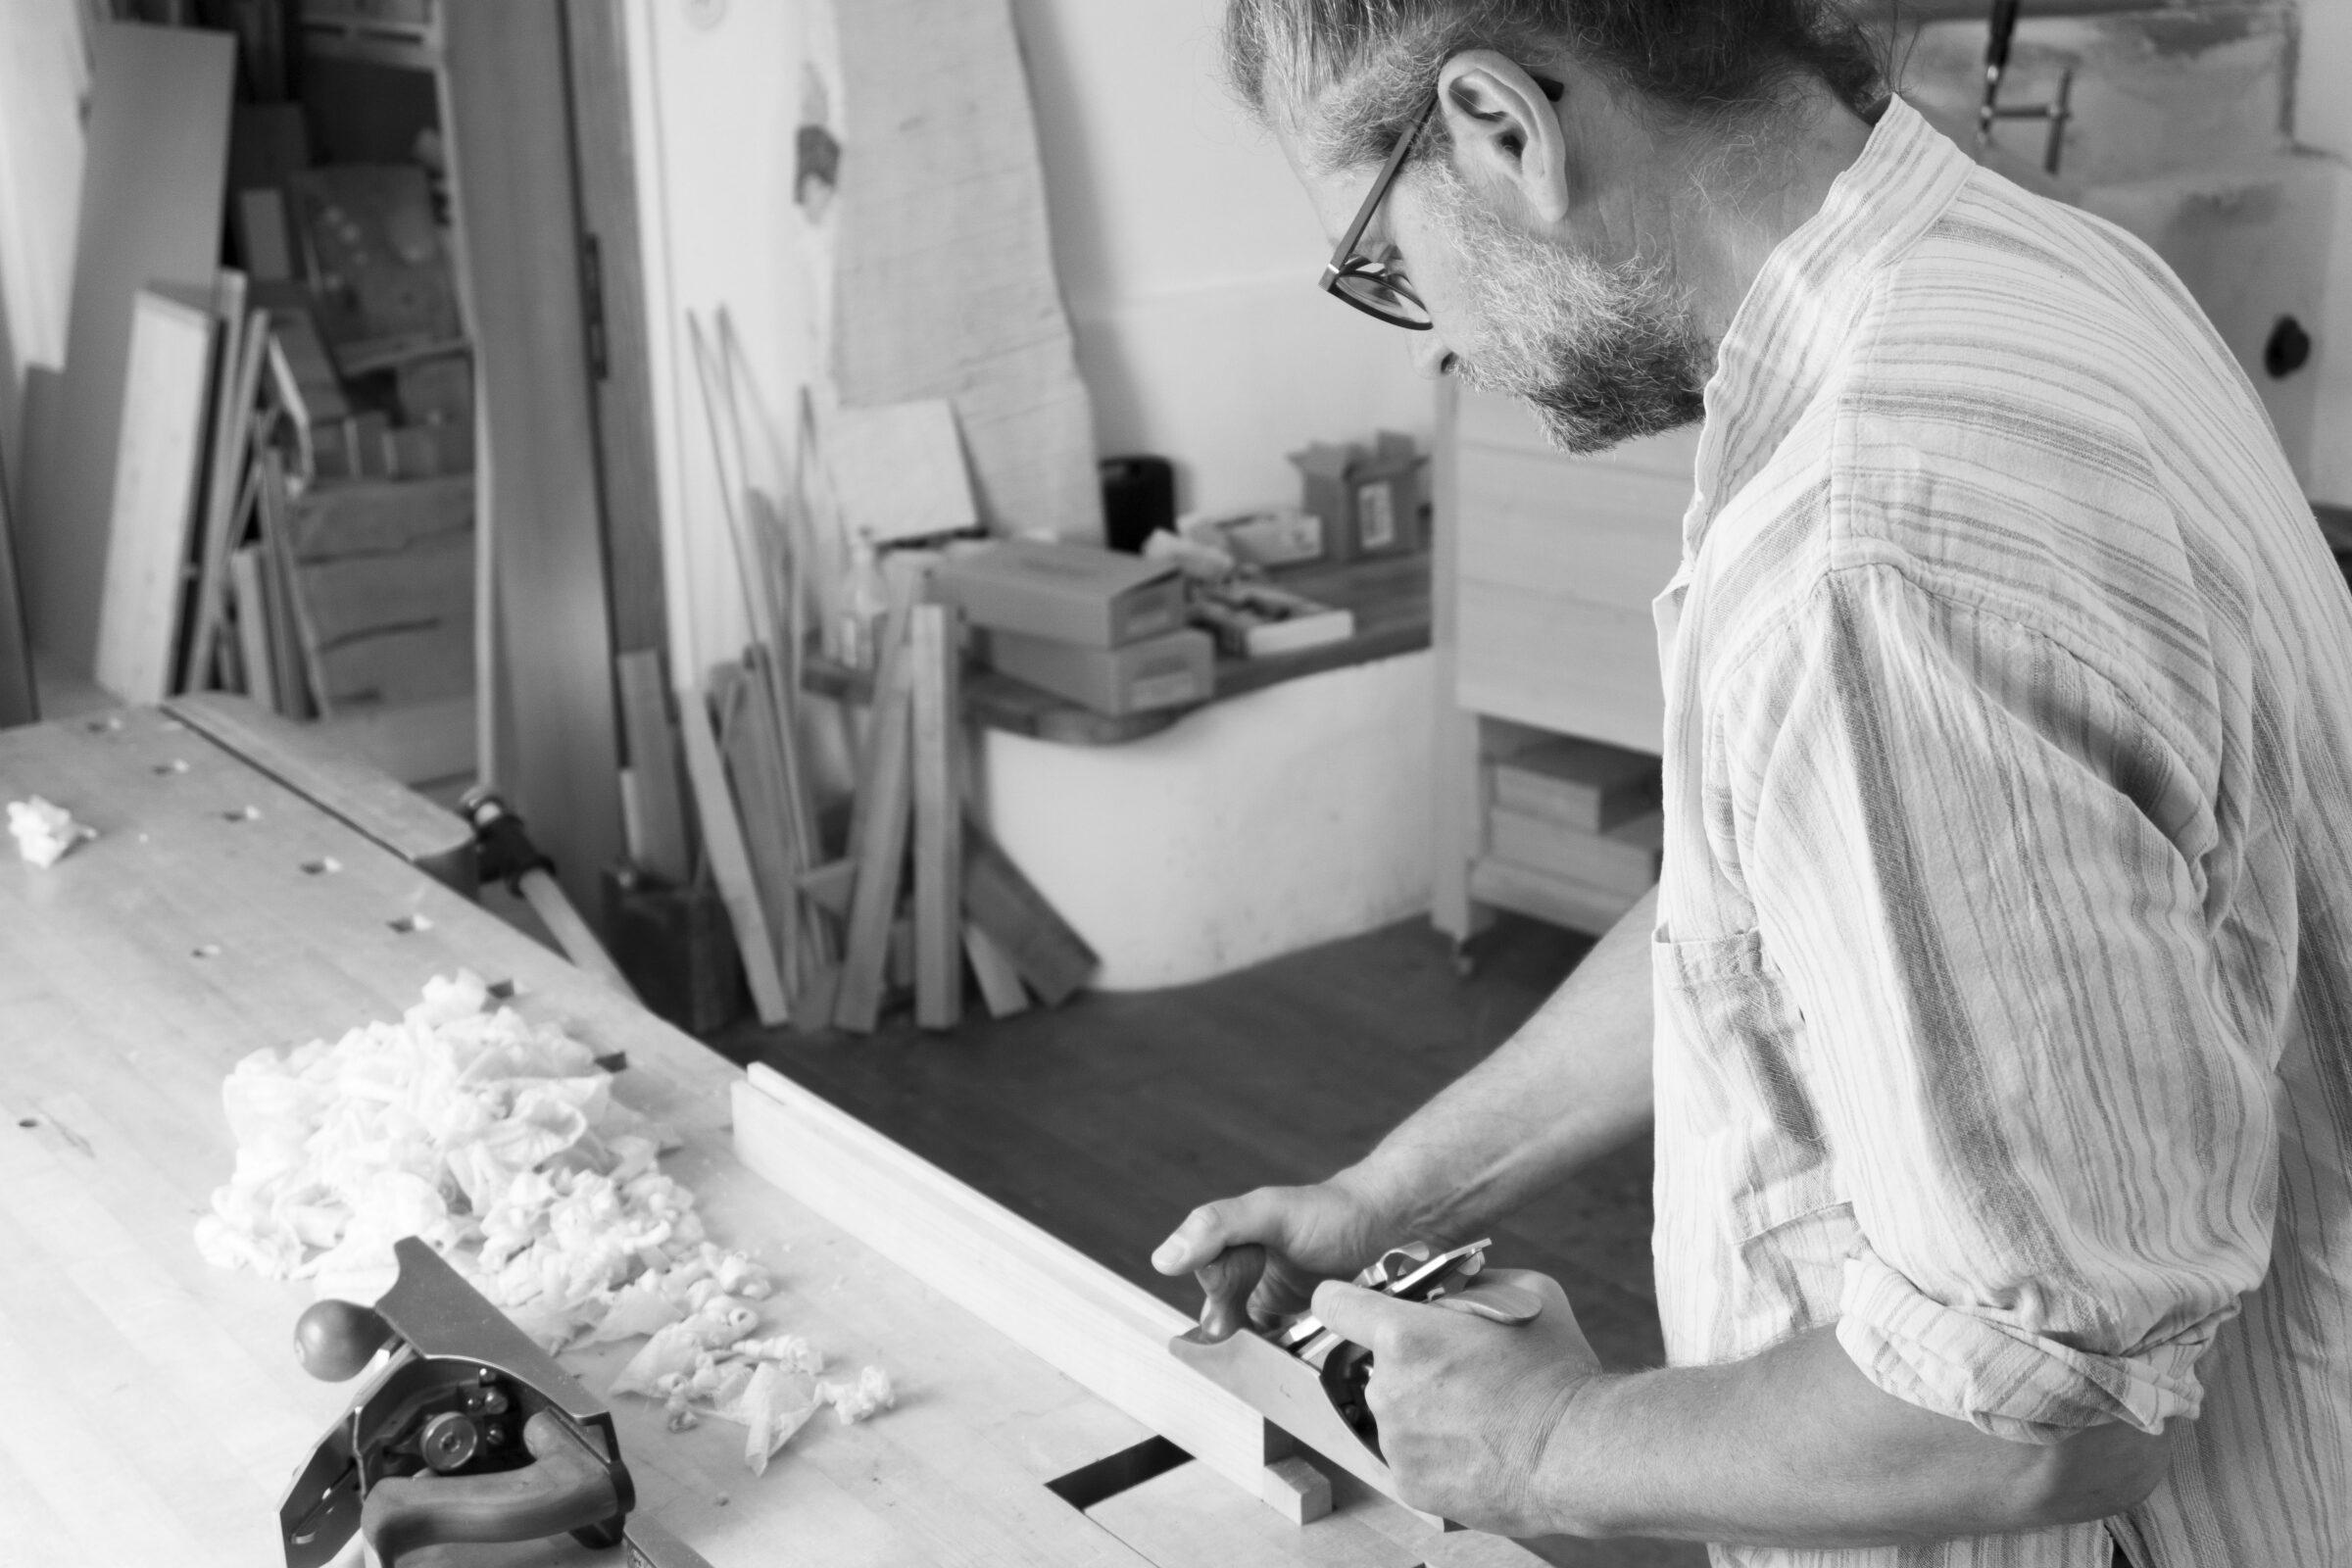 Thomas Schwaiger von The Trees of Life Möbelbau und Restaurierung bei der Arbeit